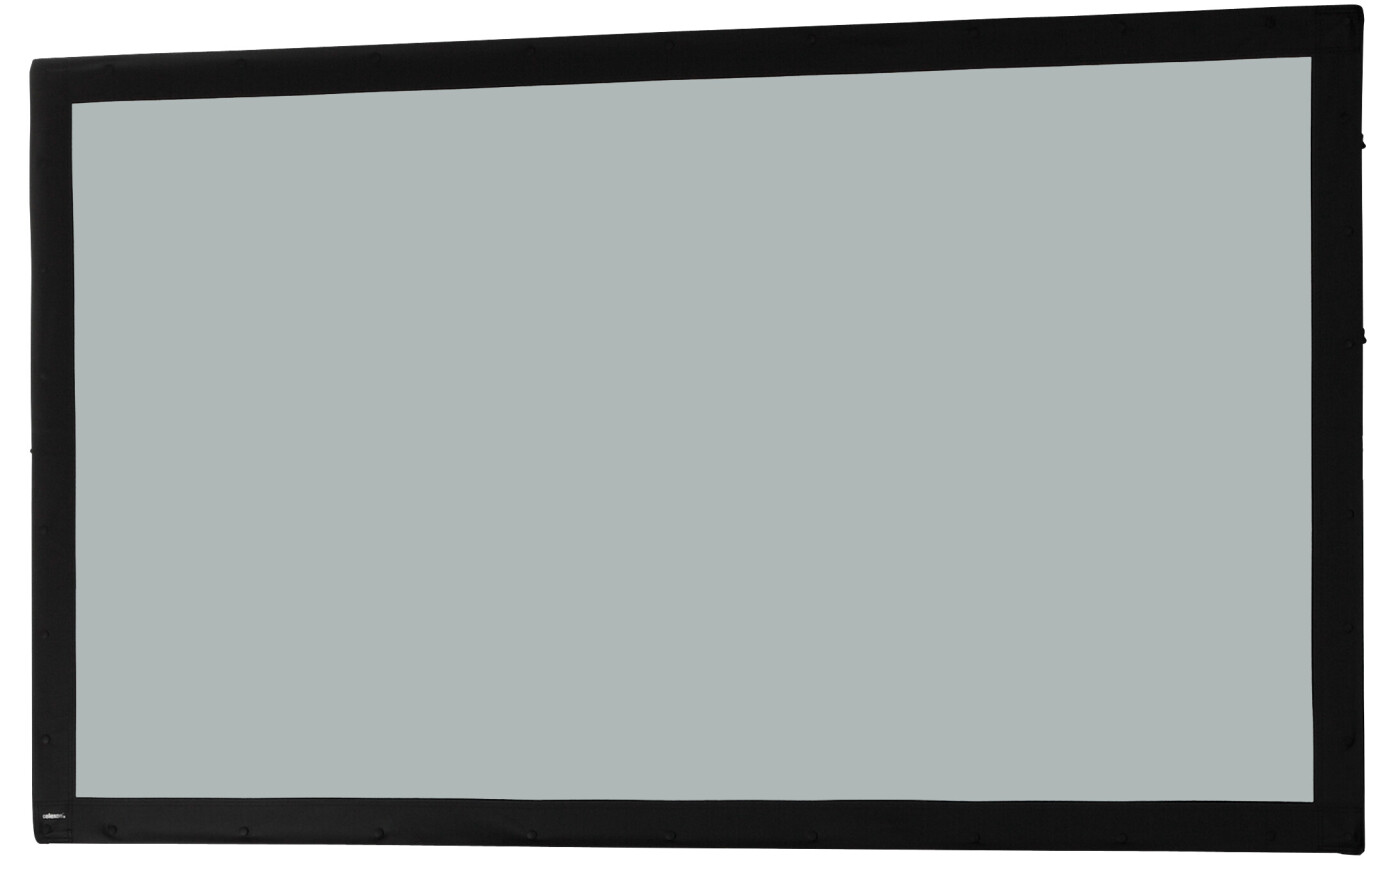 Toile 244 x 137 cm - Rétroprojection pour Ecran de projection sur Cadre celexon